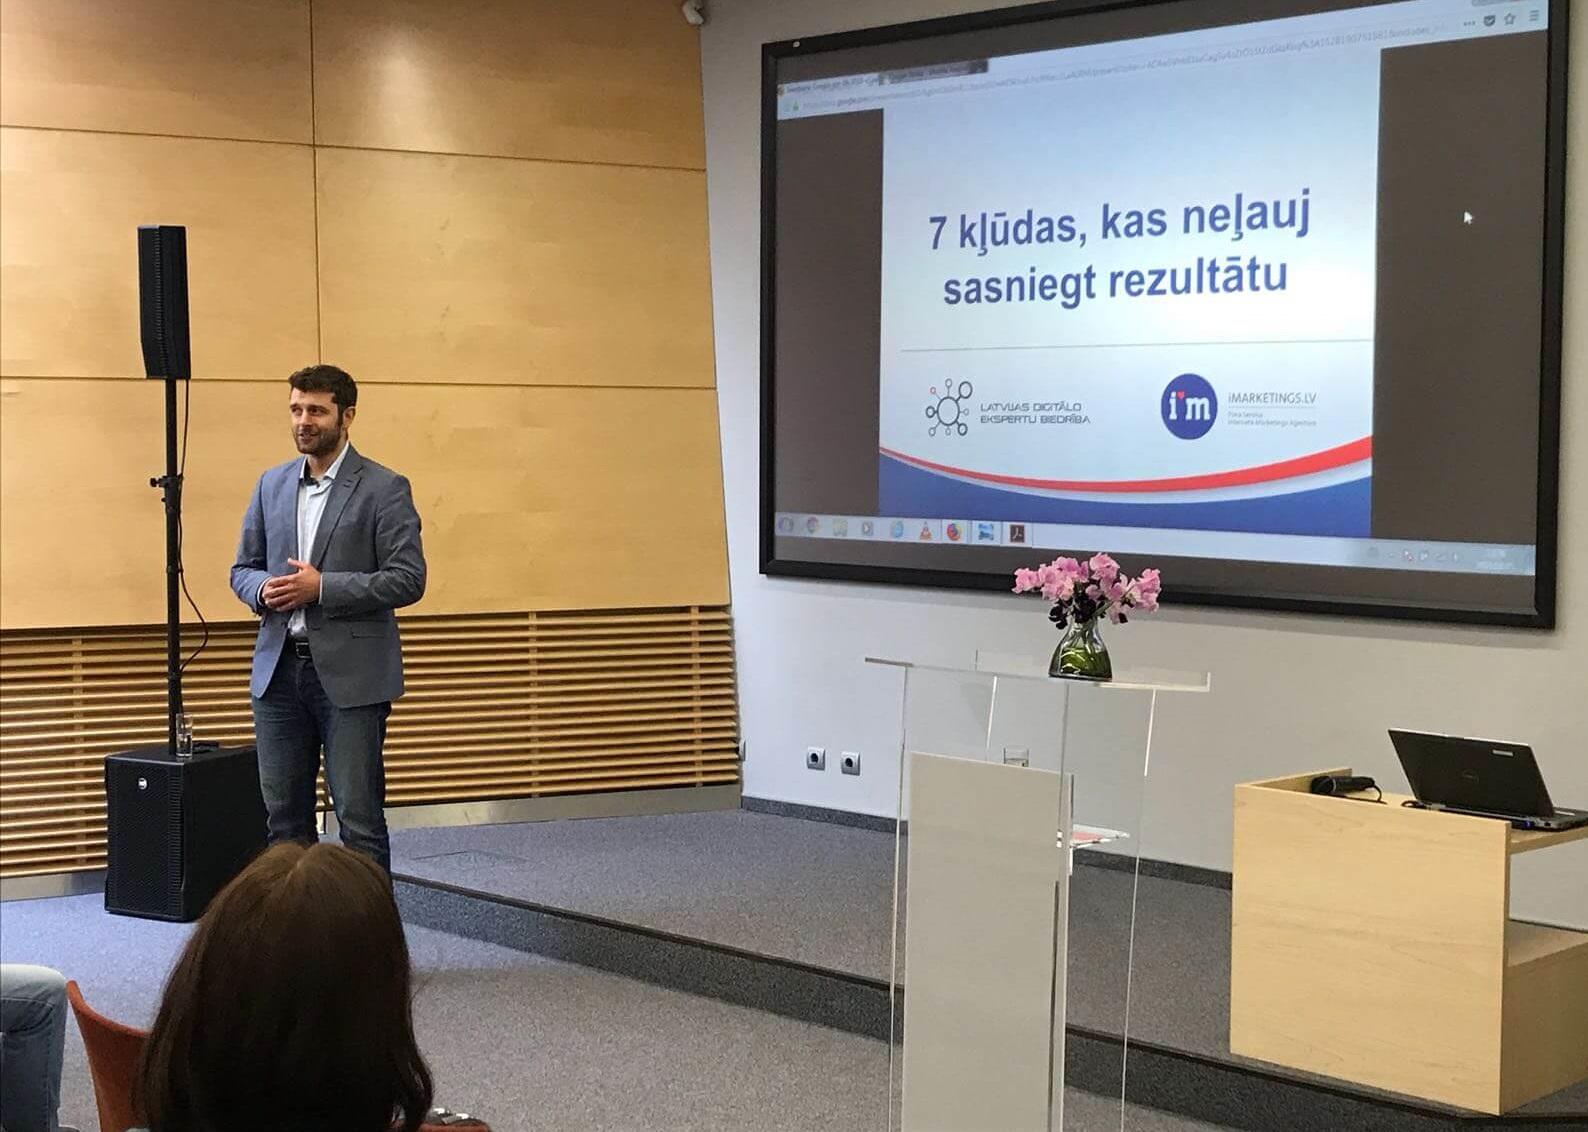 Google rīkotais seminārs Swedbanks klientiem par Google reklāmu, Facebook reklāmu, Youtube reklāmu